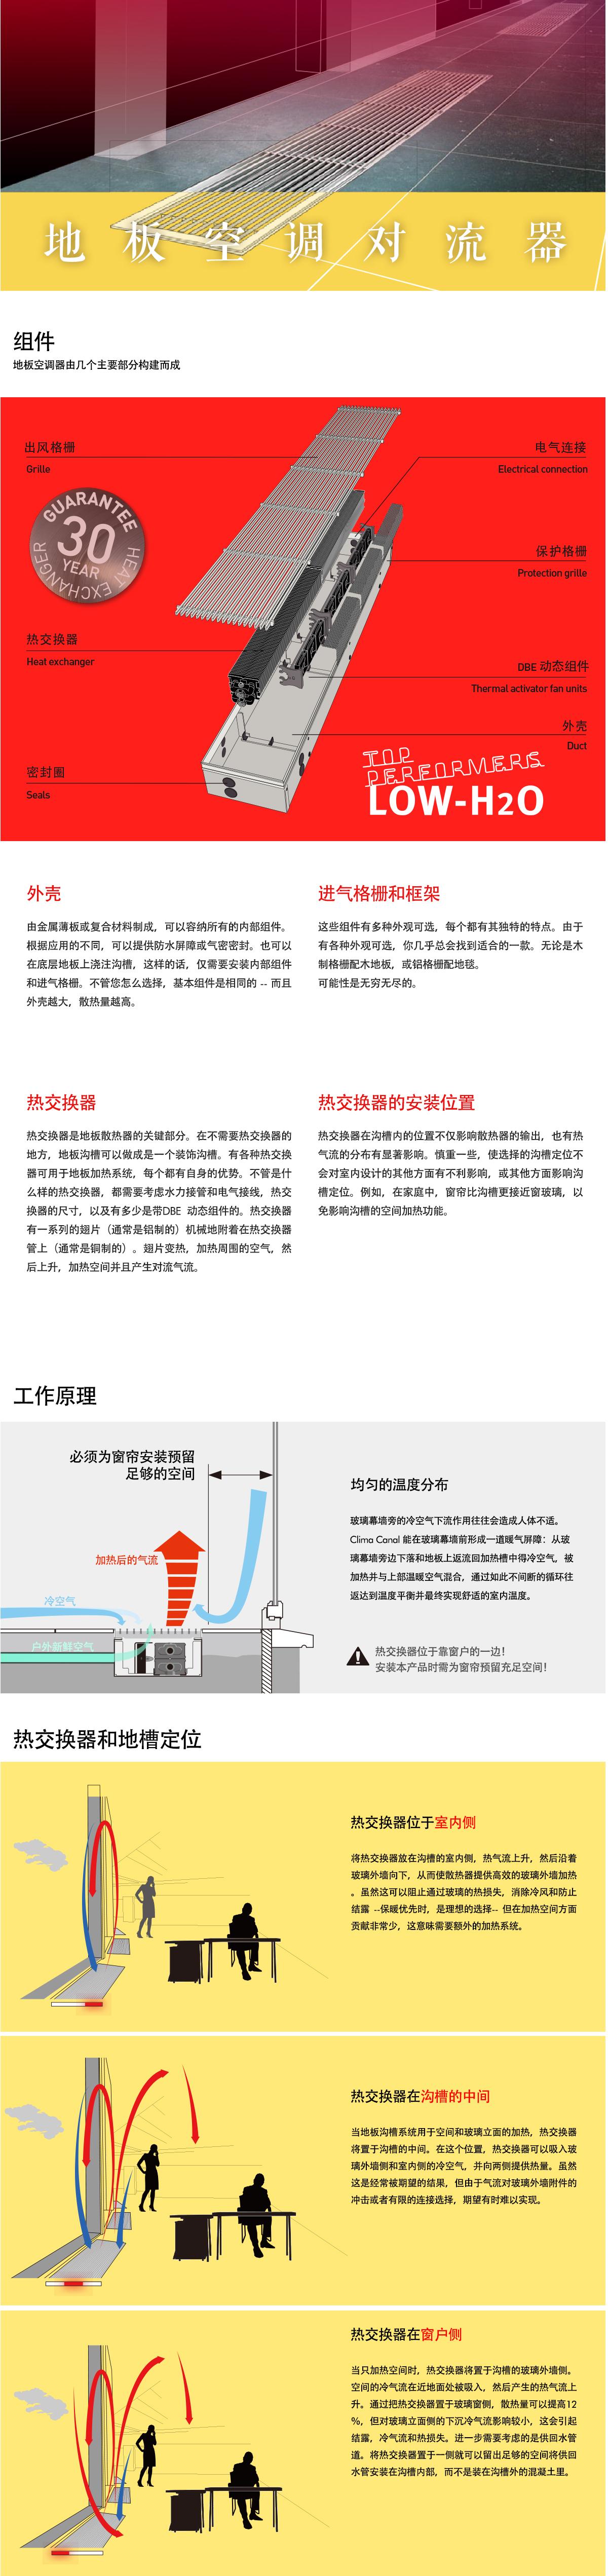 地板空调器技术 - 雅凯Jaga